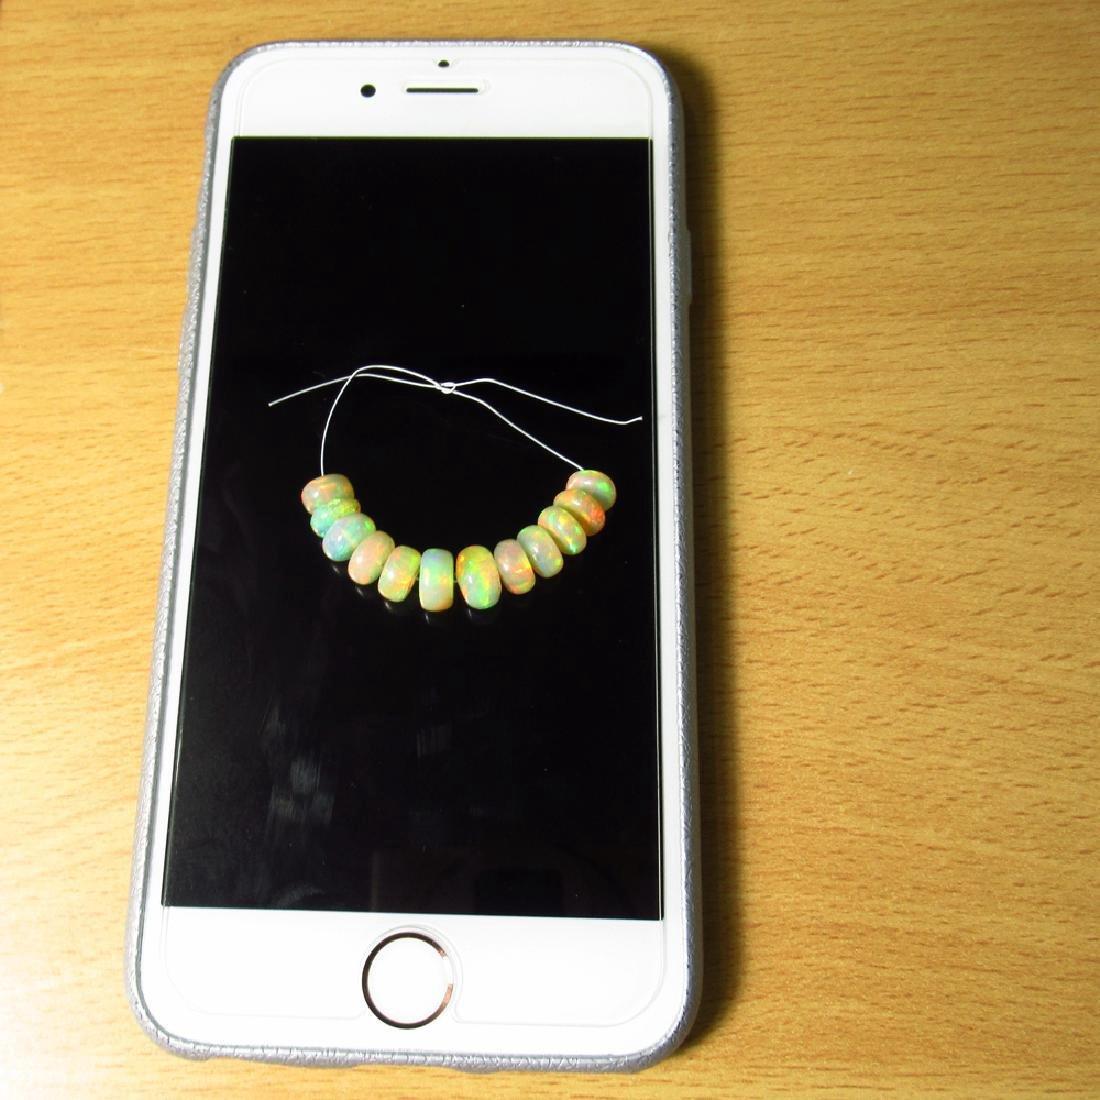 12.03 Carat Natural Loose Opal Beads Set - 5